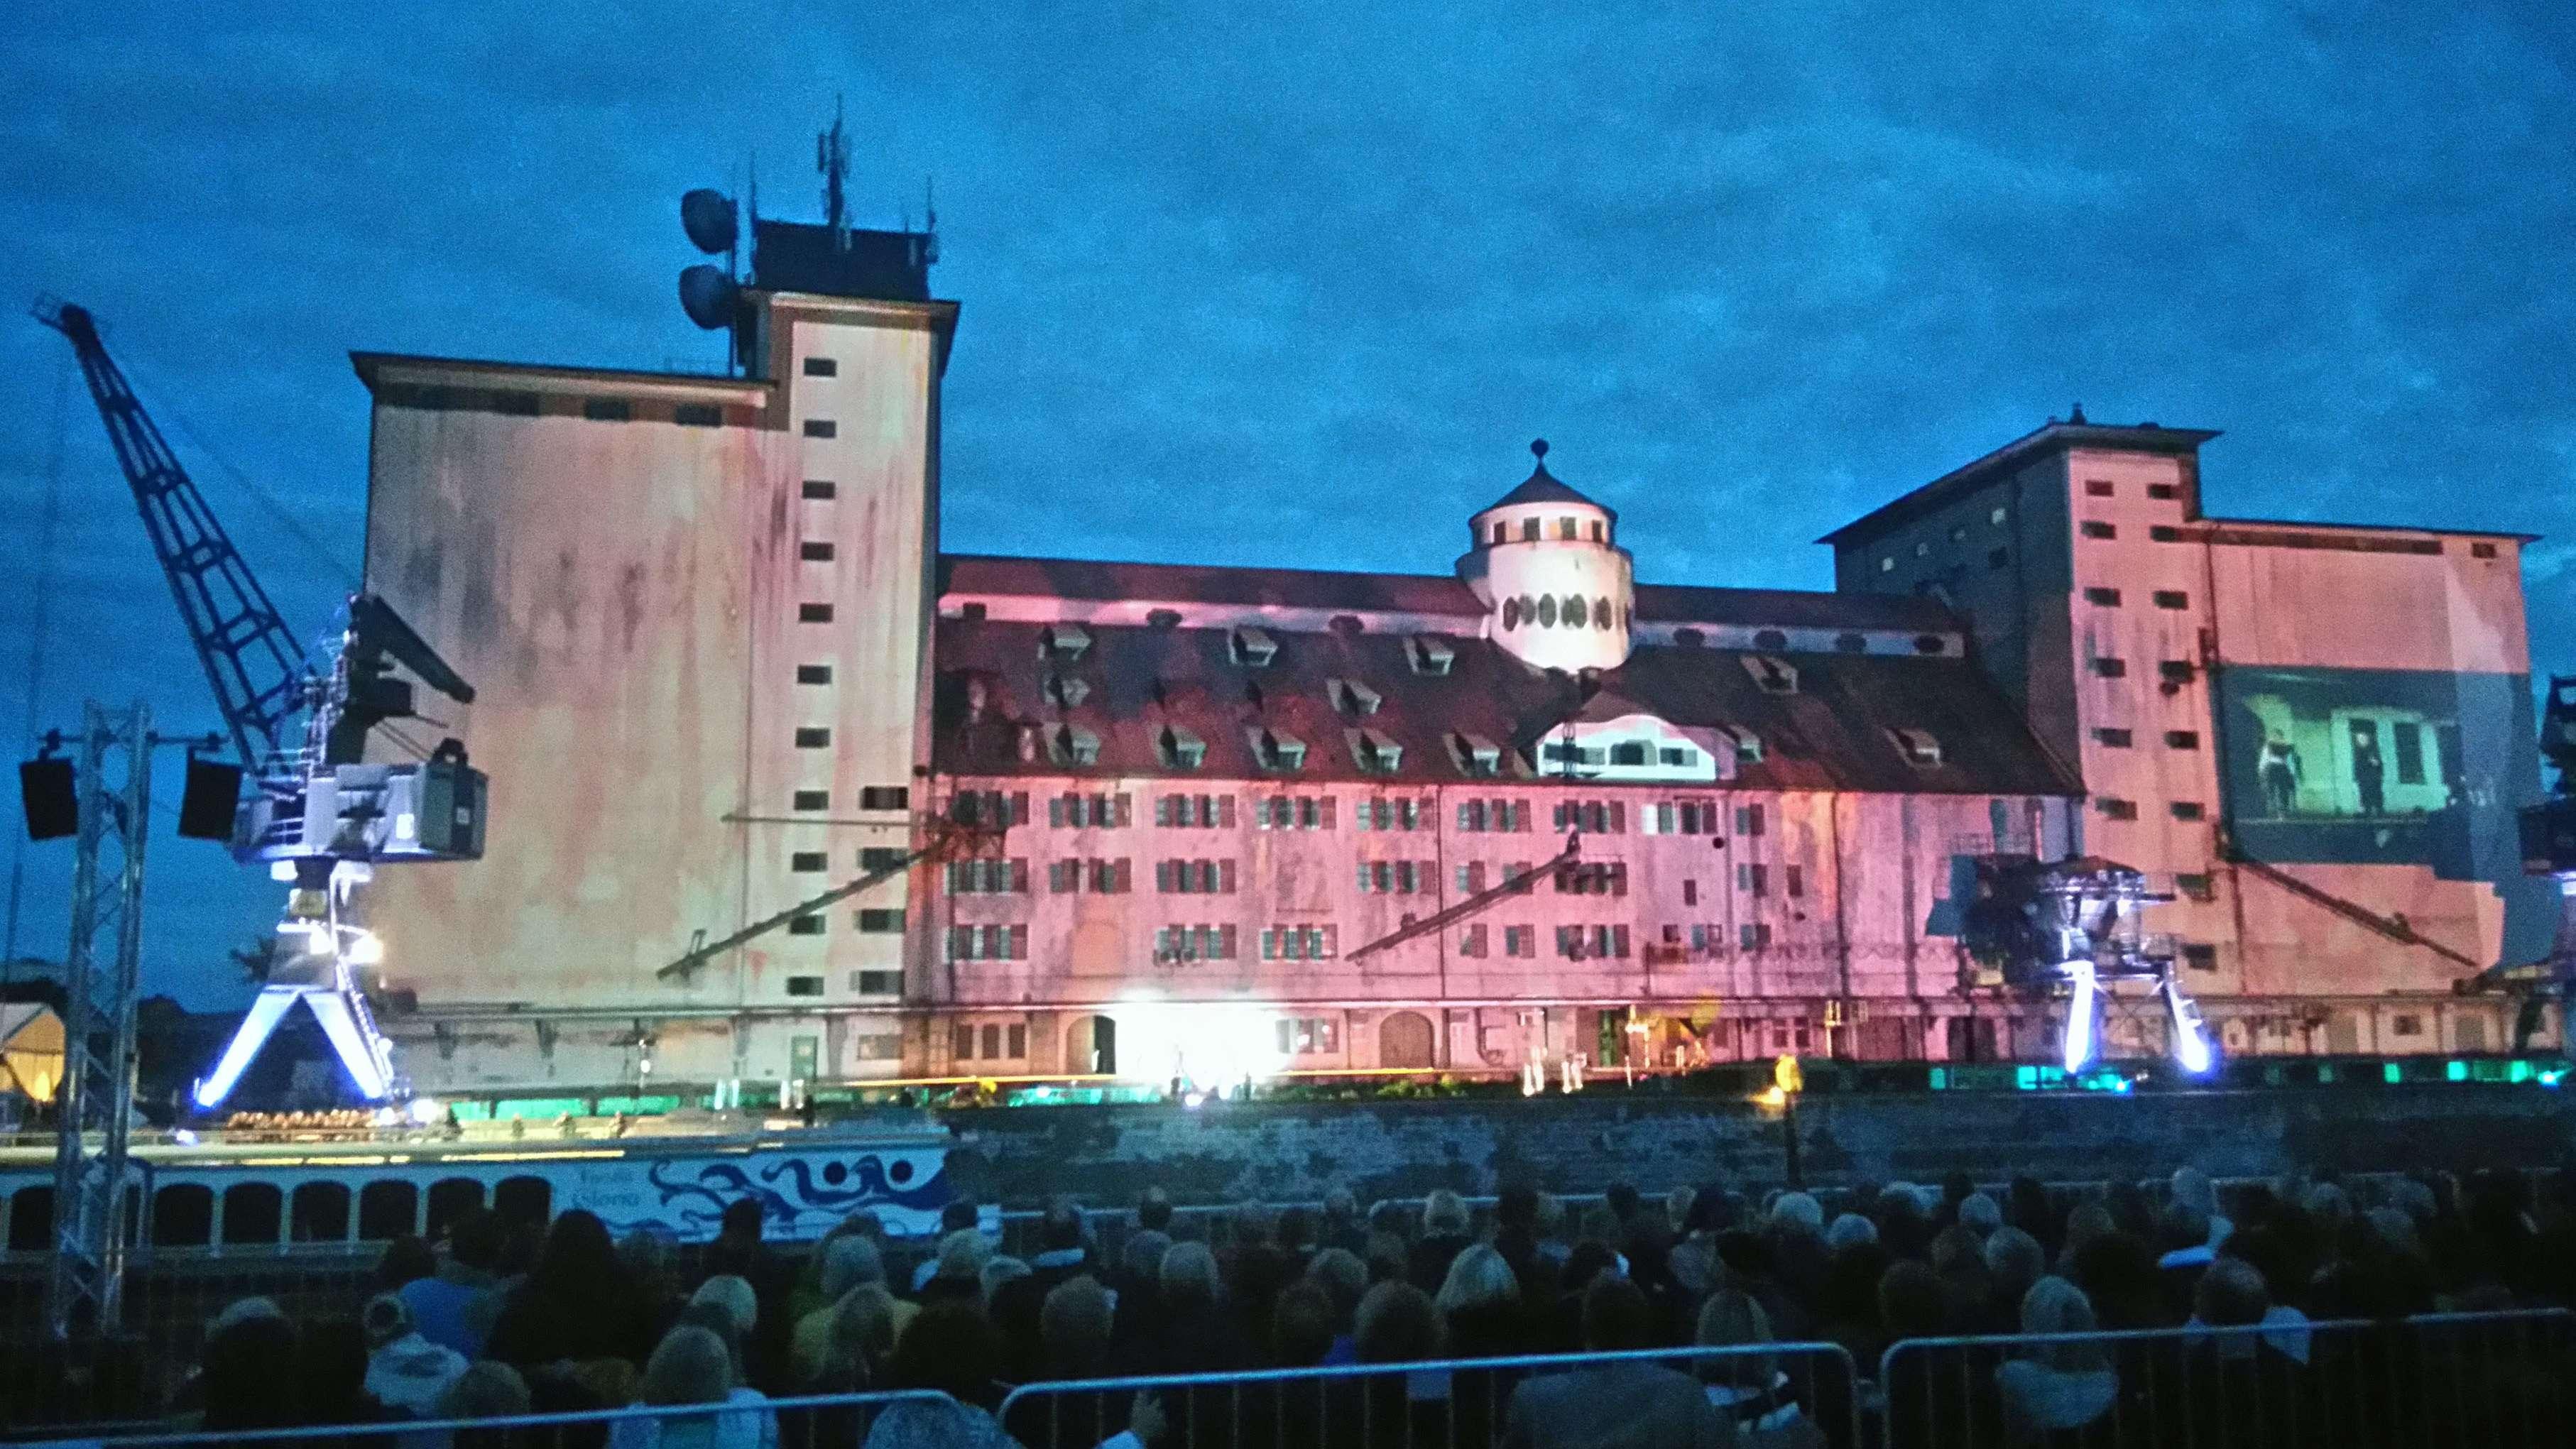 2017 diente das Stadtlagerhaus im Hafen als Kulisse für eine spektakuläre Opernaufführung: Bald sollen dauerhaft Kreative in das Gebäude ziehen.